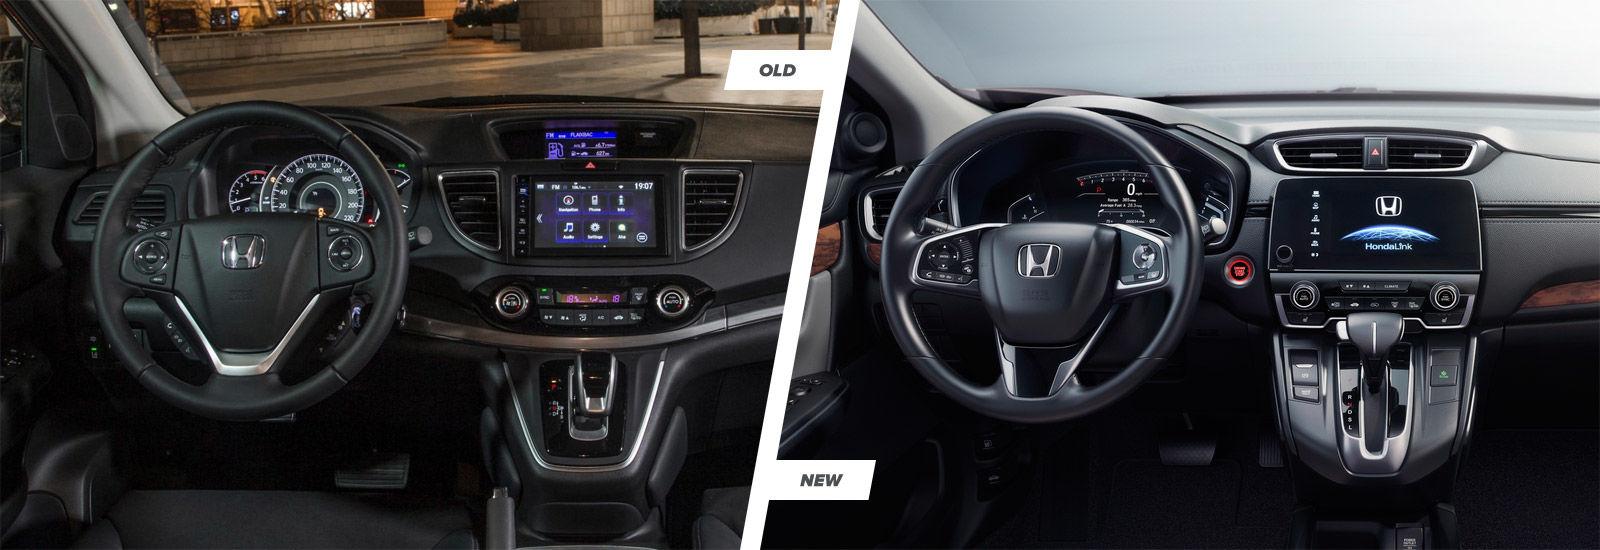 reviews crv cars honda com cr first drive v news review articles